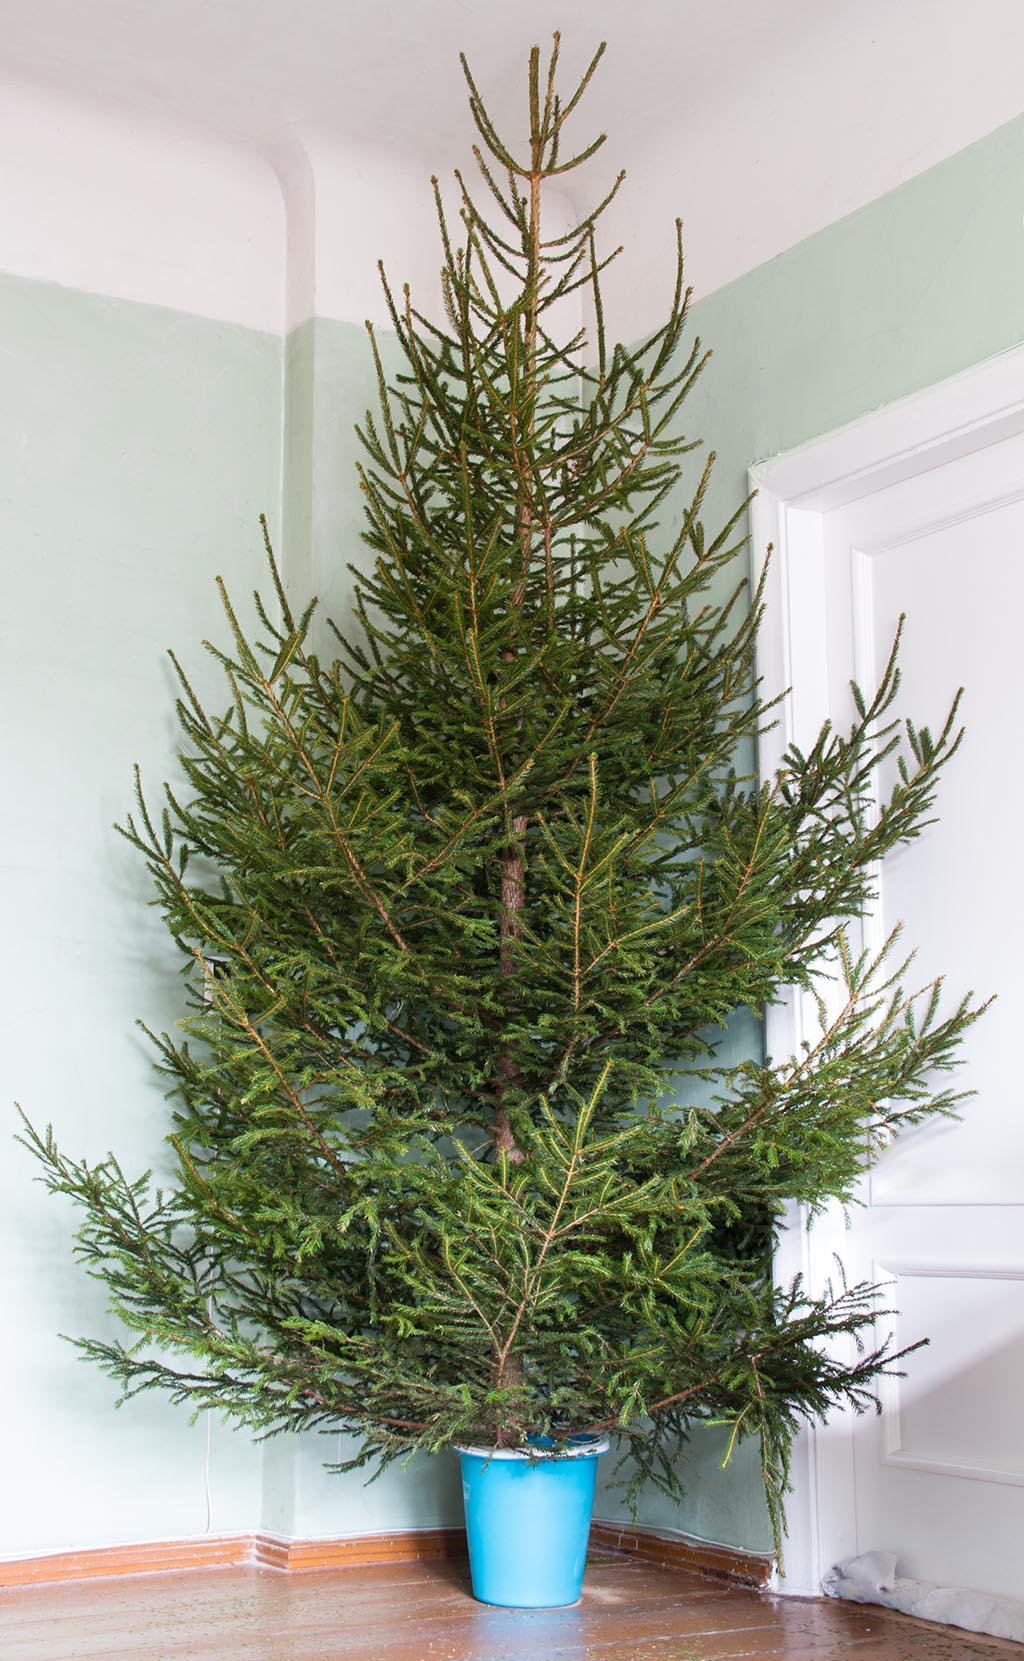 Spruce tree, January 2014